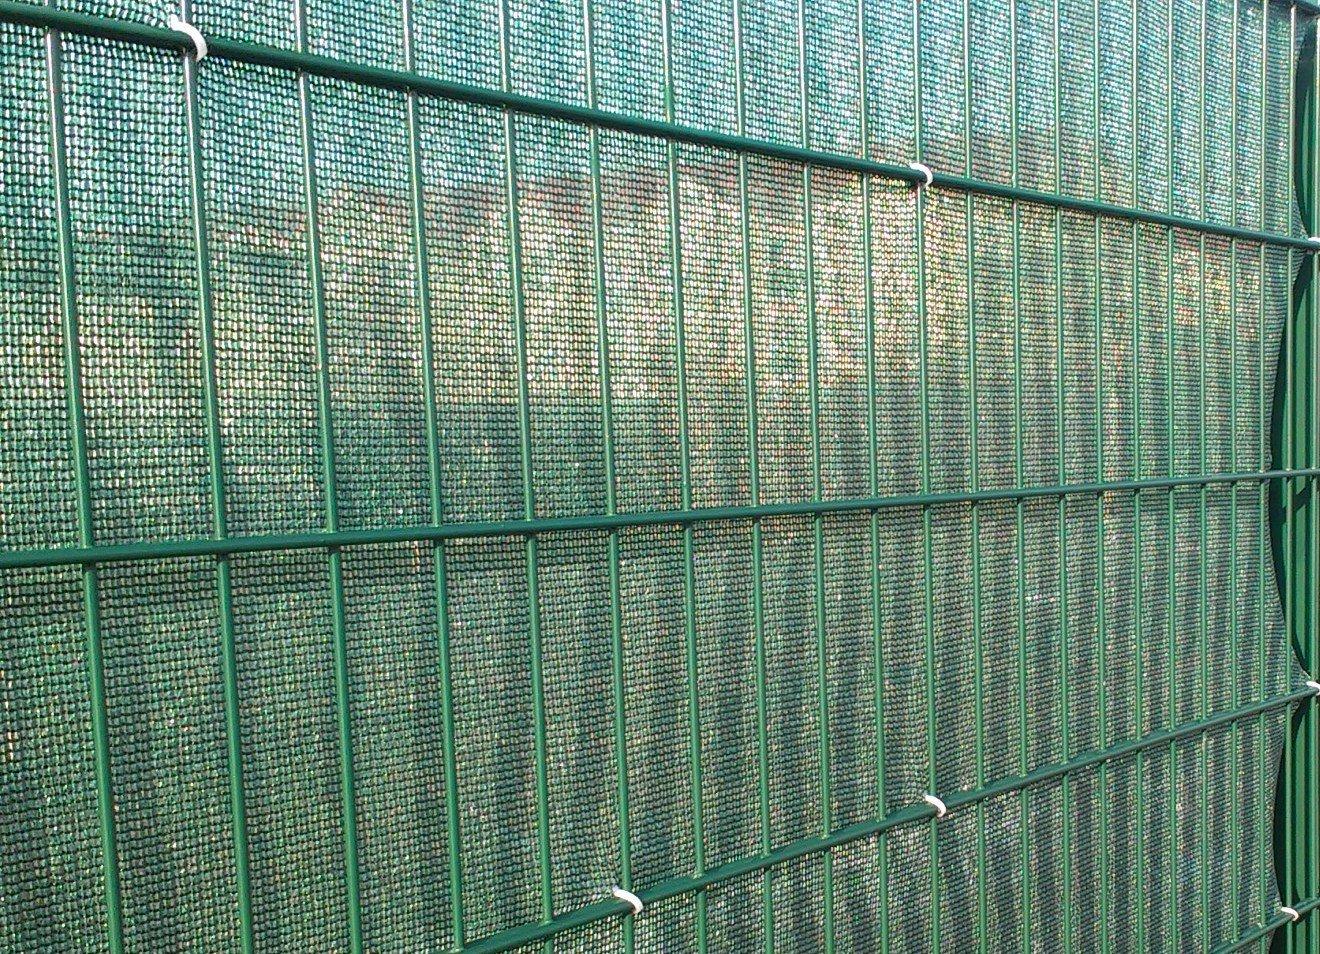 Tennisblende Sichtschutz 2 00 x 12 00 m dunkelgrün Amazon